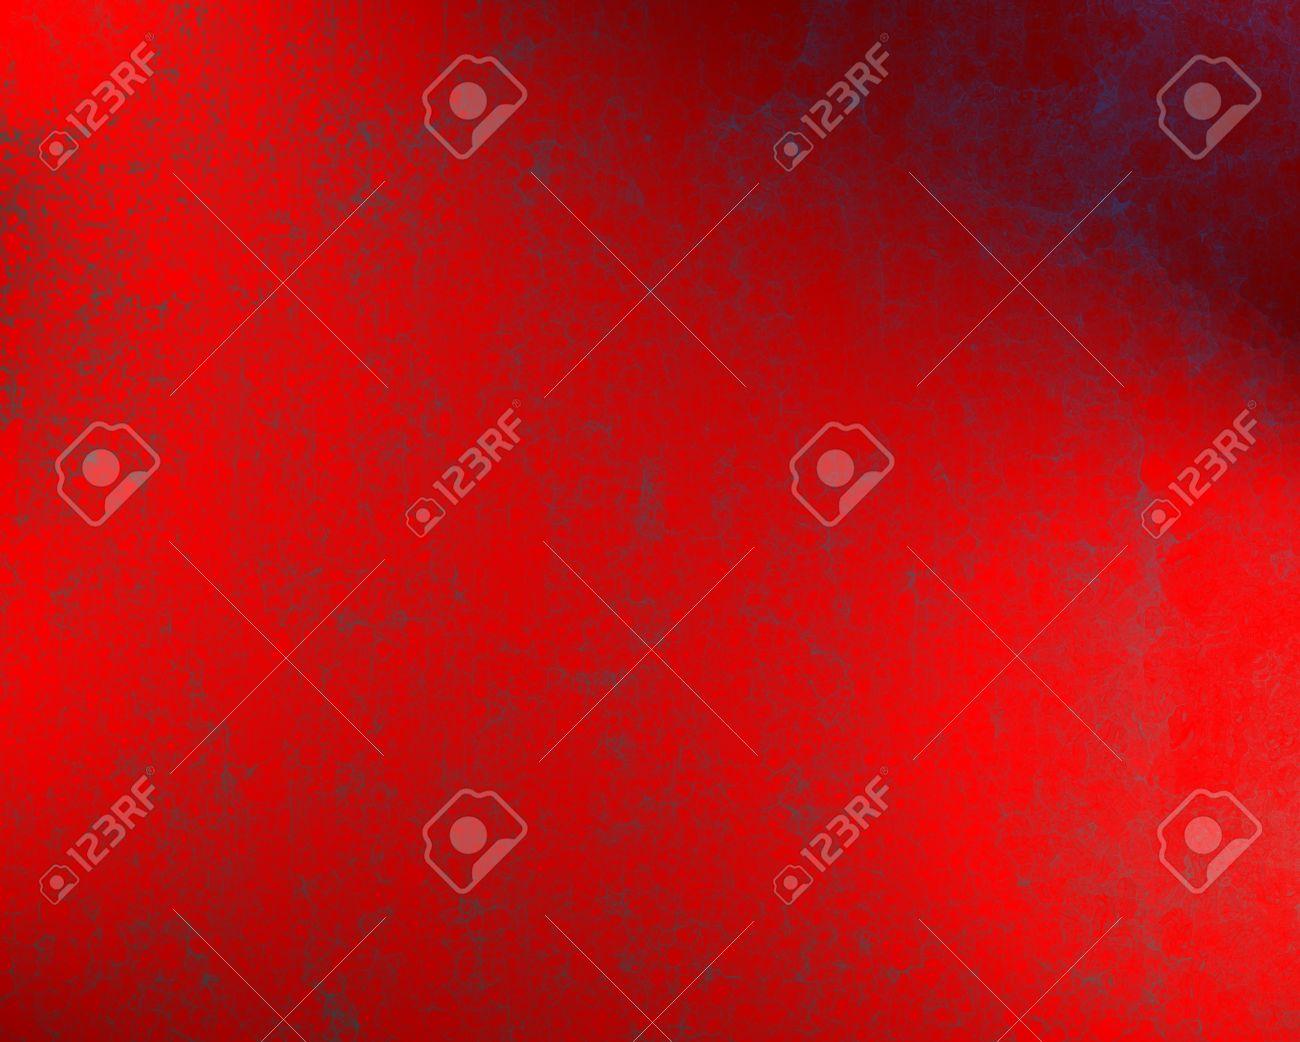 Fond Rouge Mur Ou Papier Peint Rouge Avec Une Lumiere Intense Et